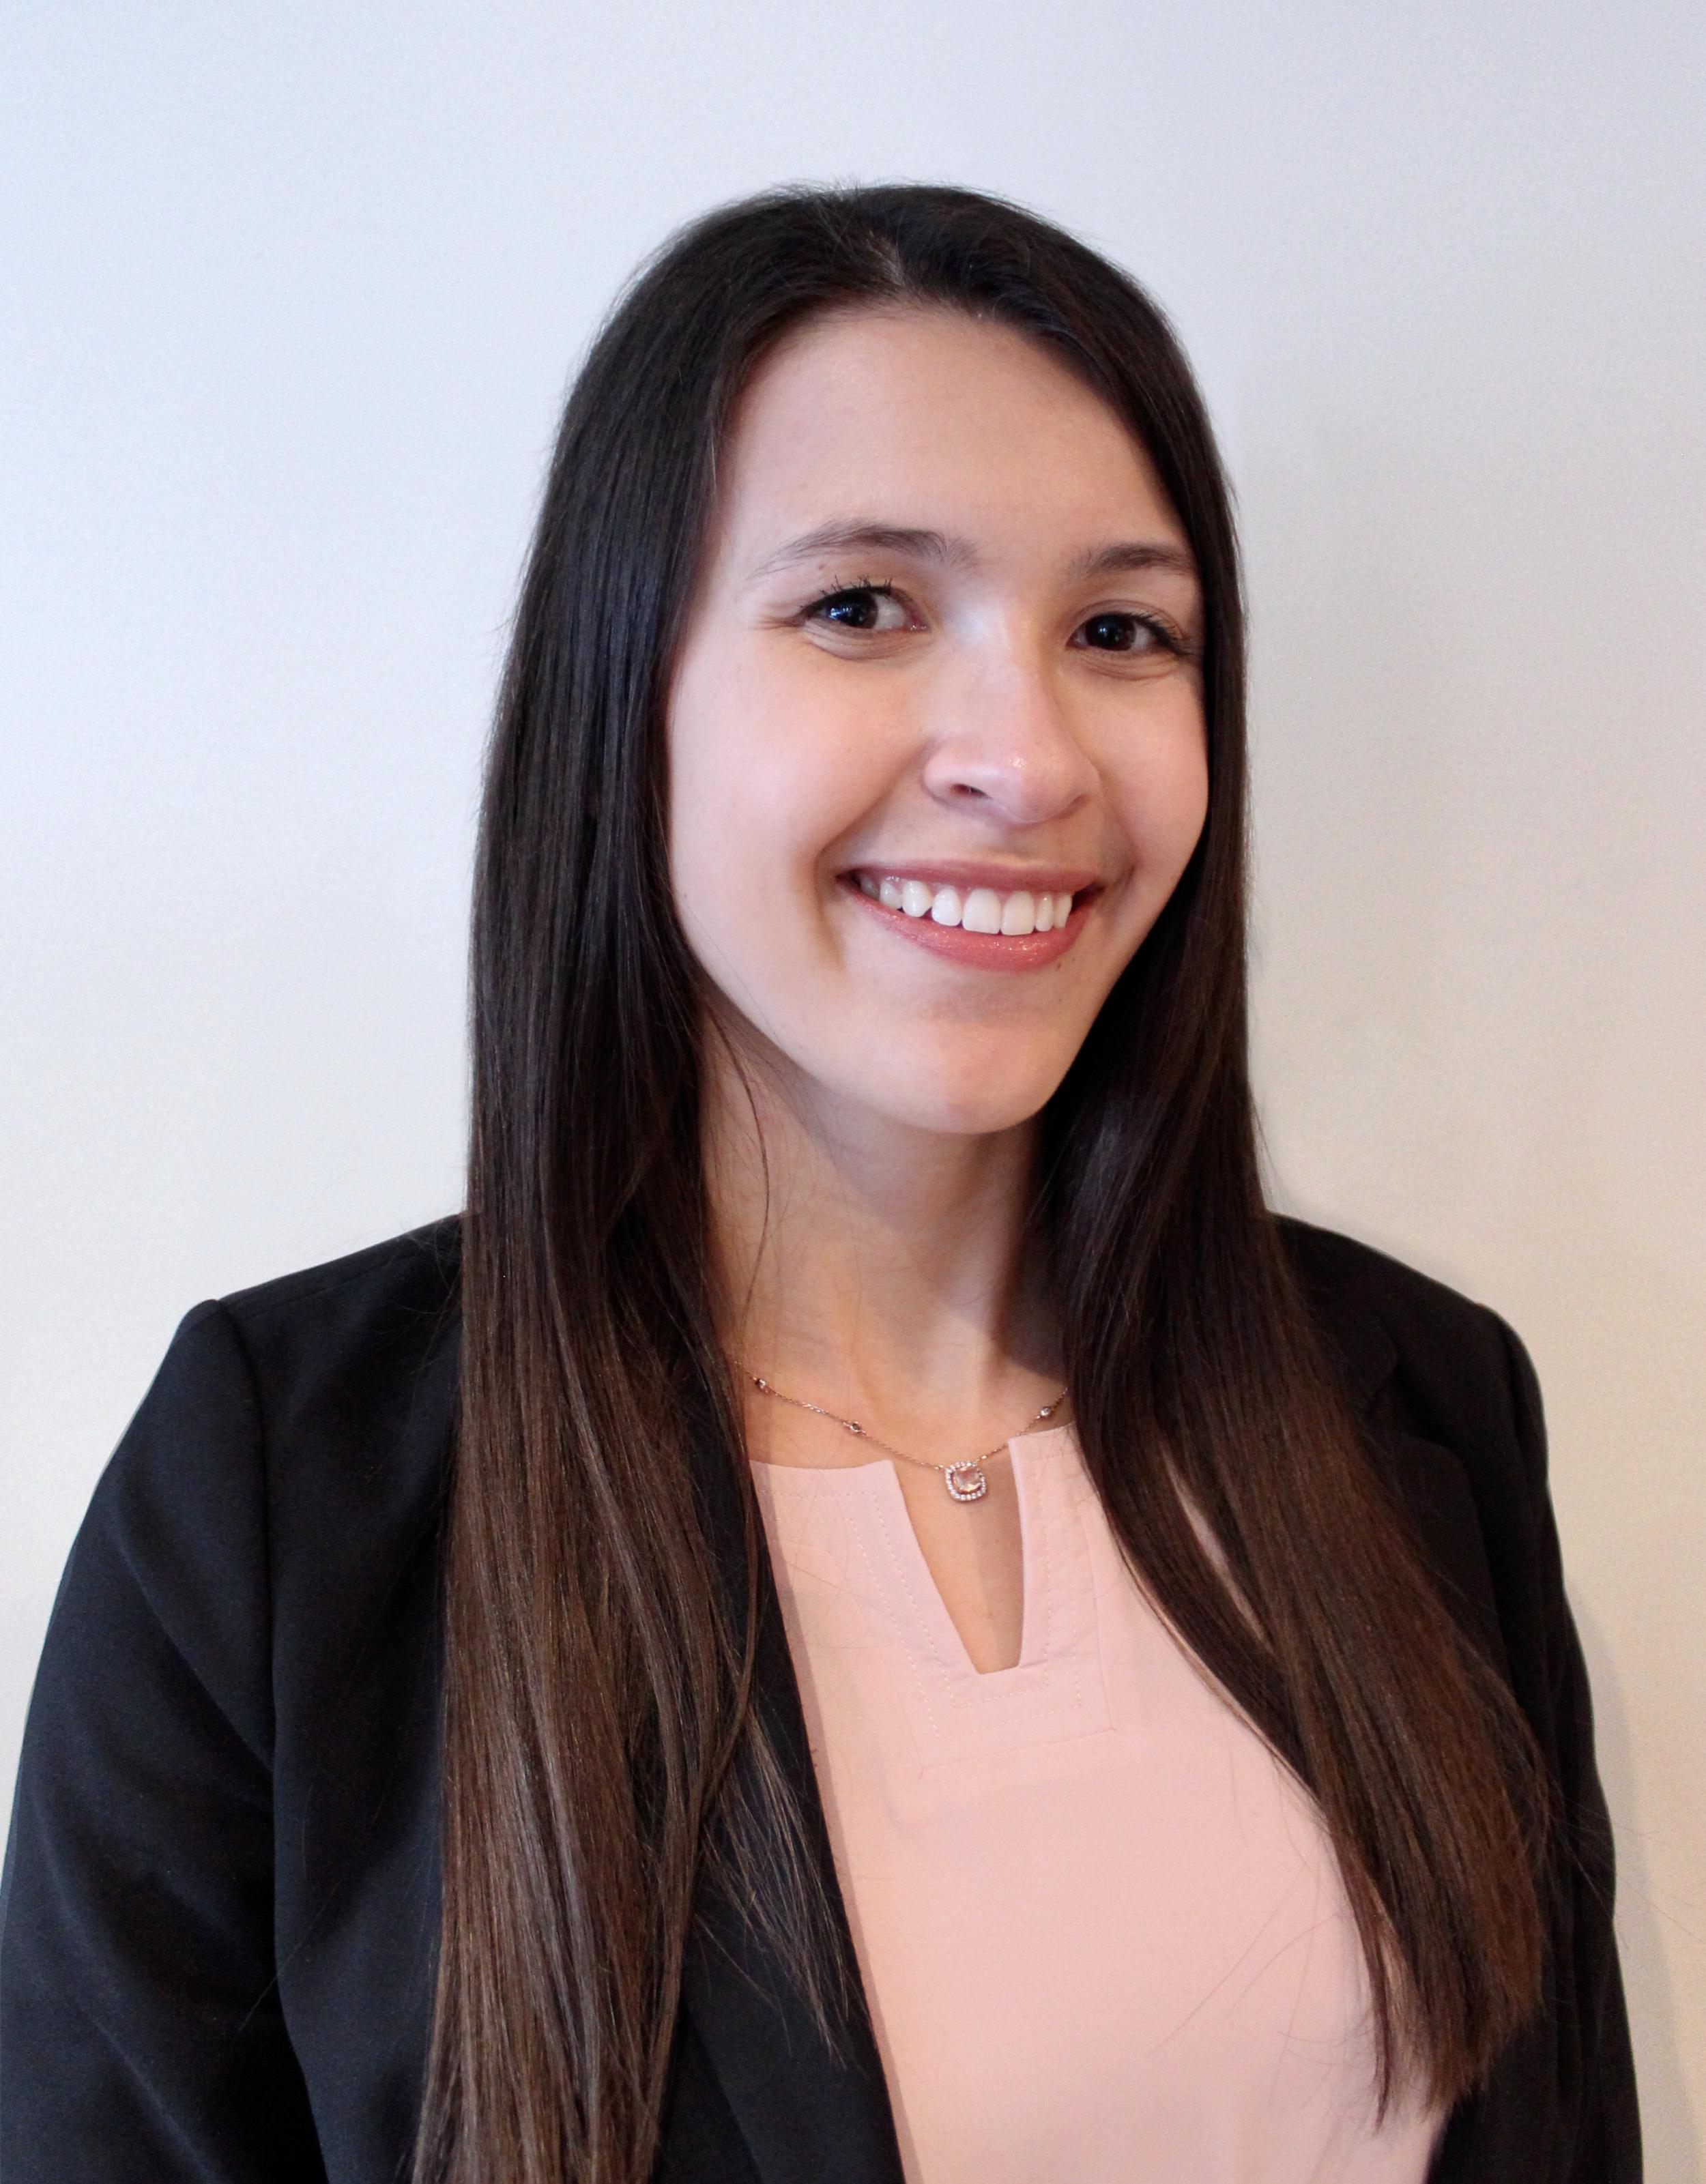 Sarah Hancox (Manitoba '21)